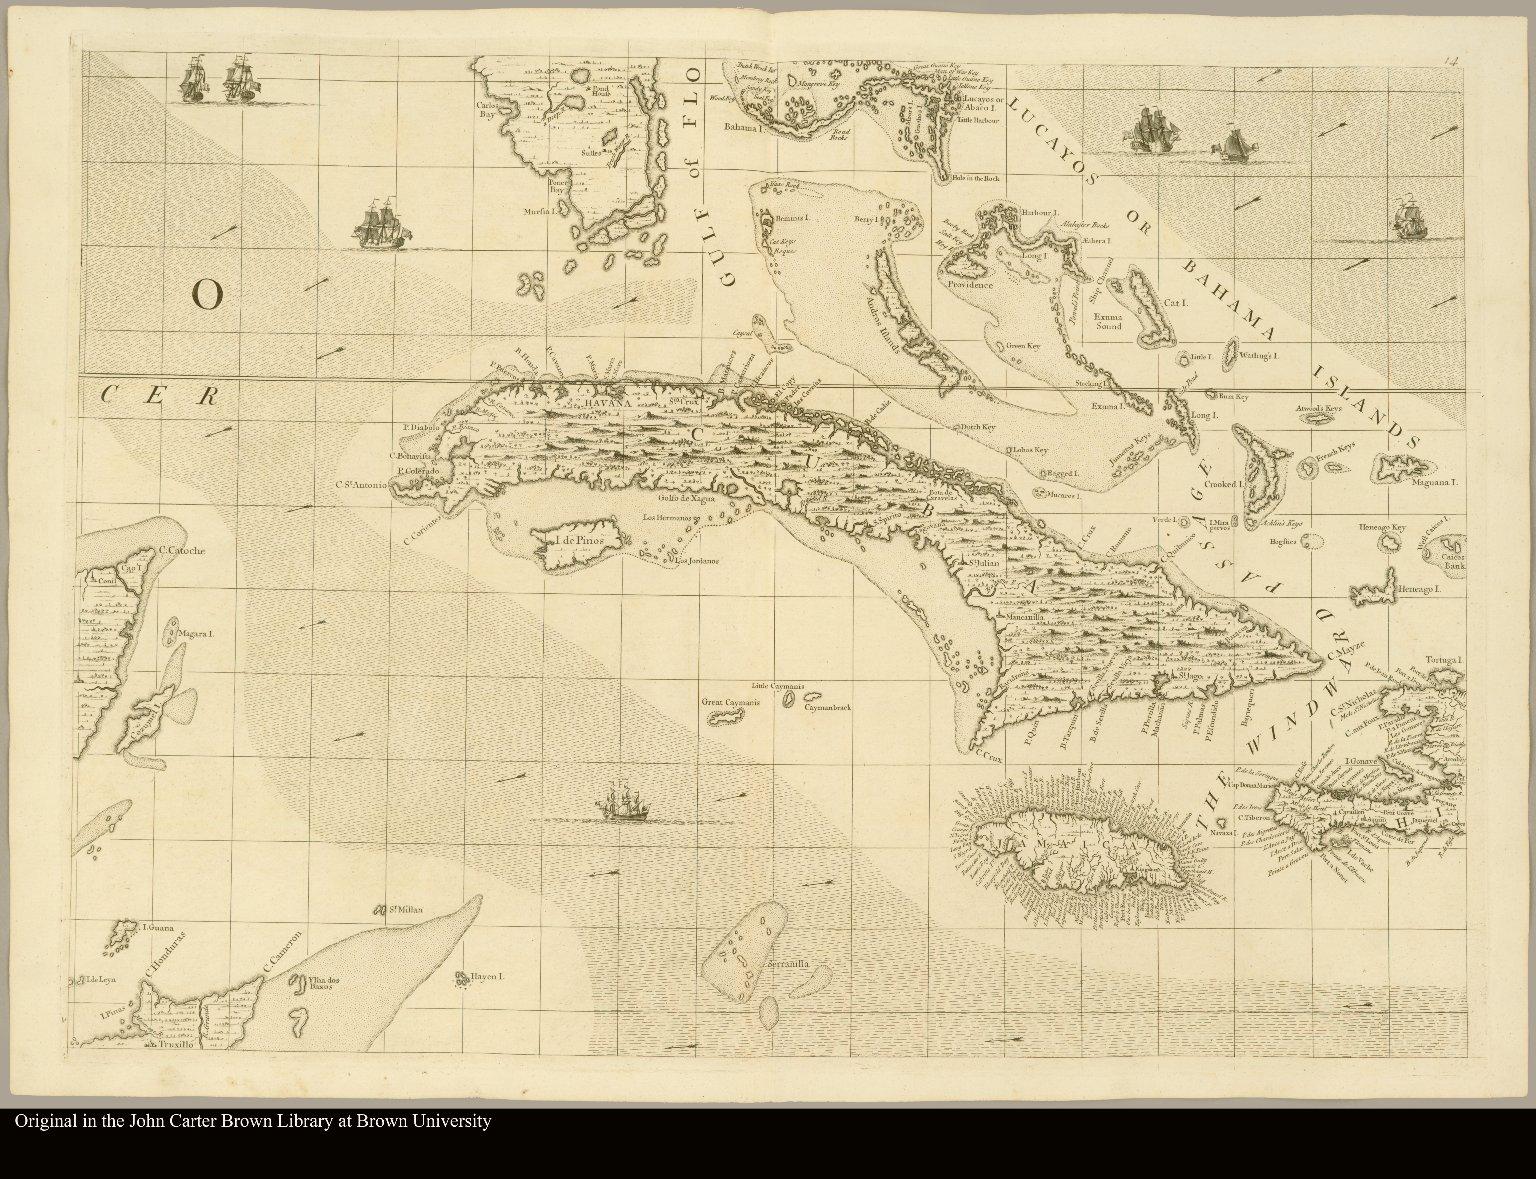 [Caribbean islands, showing Cuba and upper Antilles]